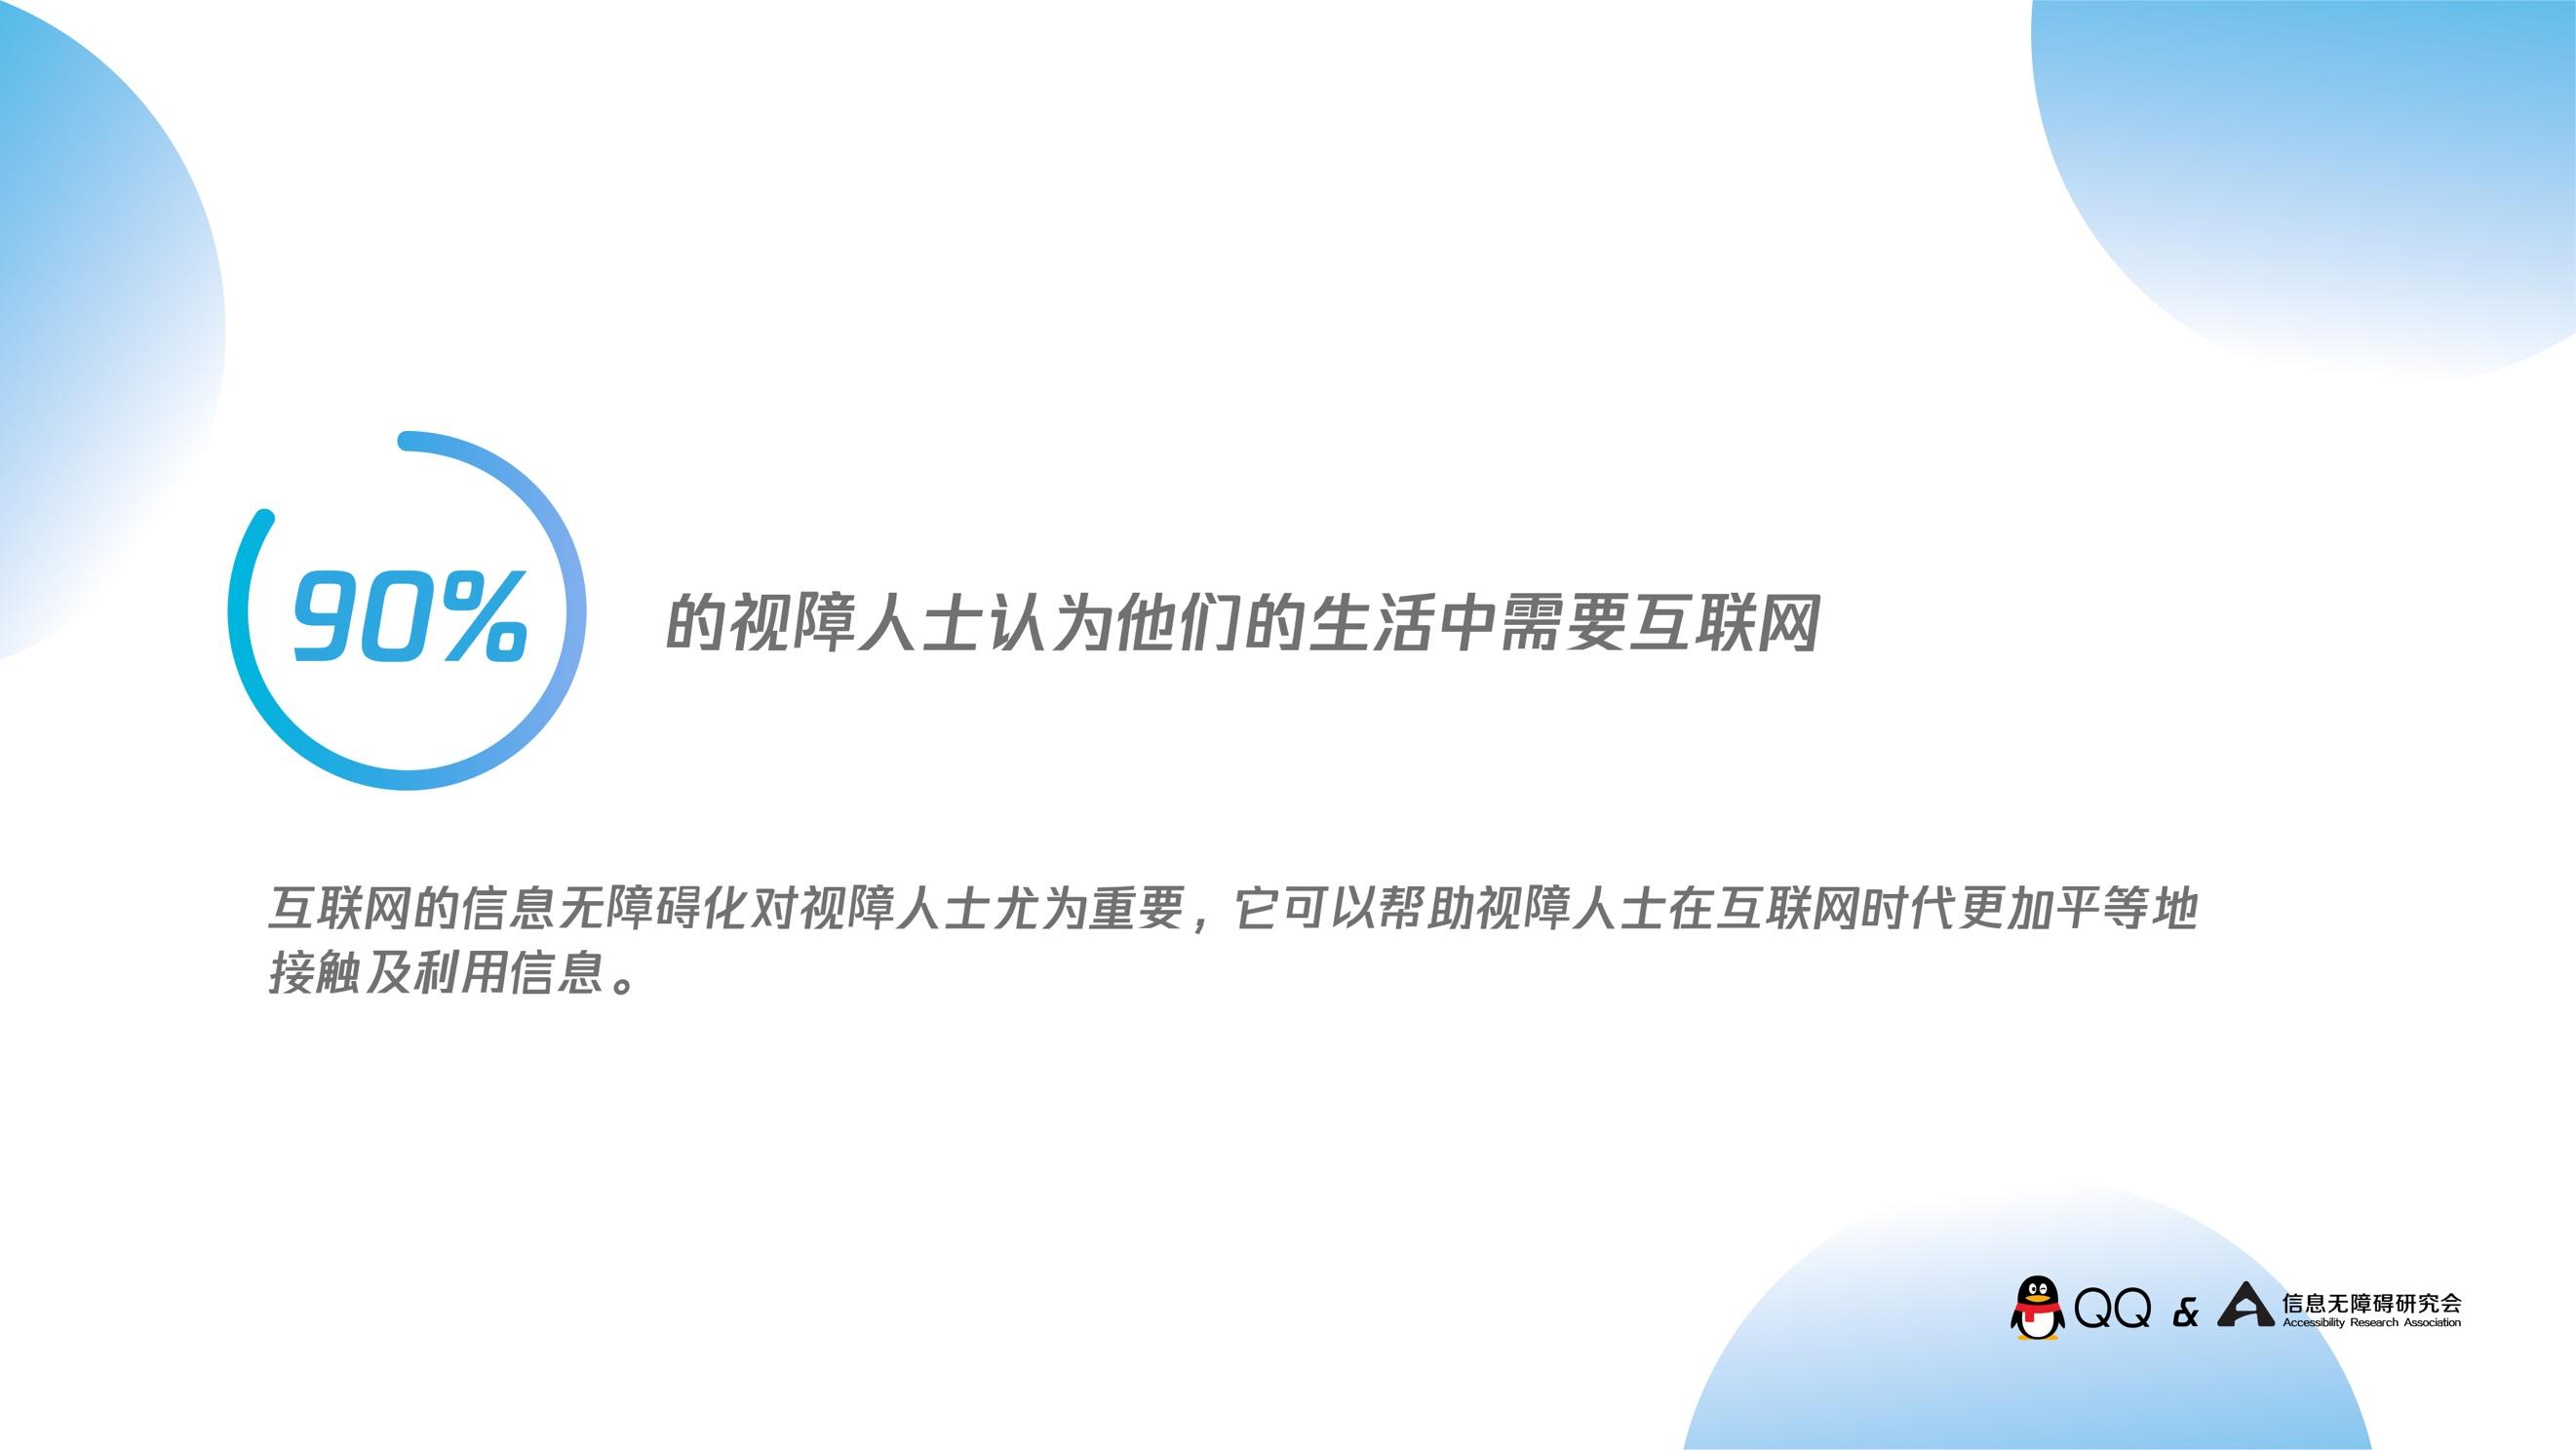 腾讯QQ发布《视障人士在线社交报告》,带你了解盲人的社交生活